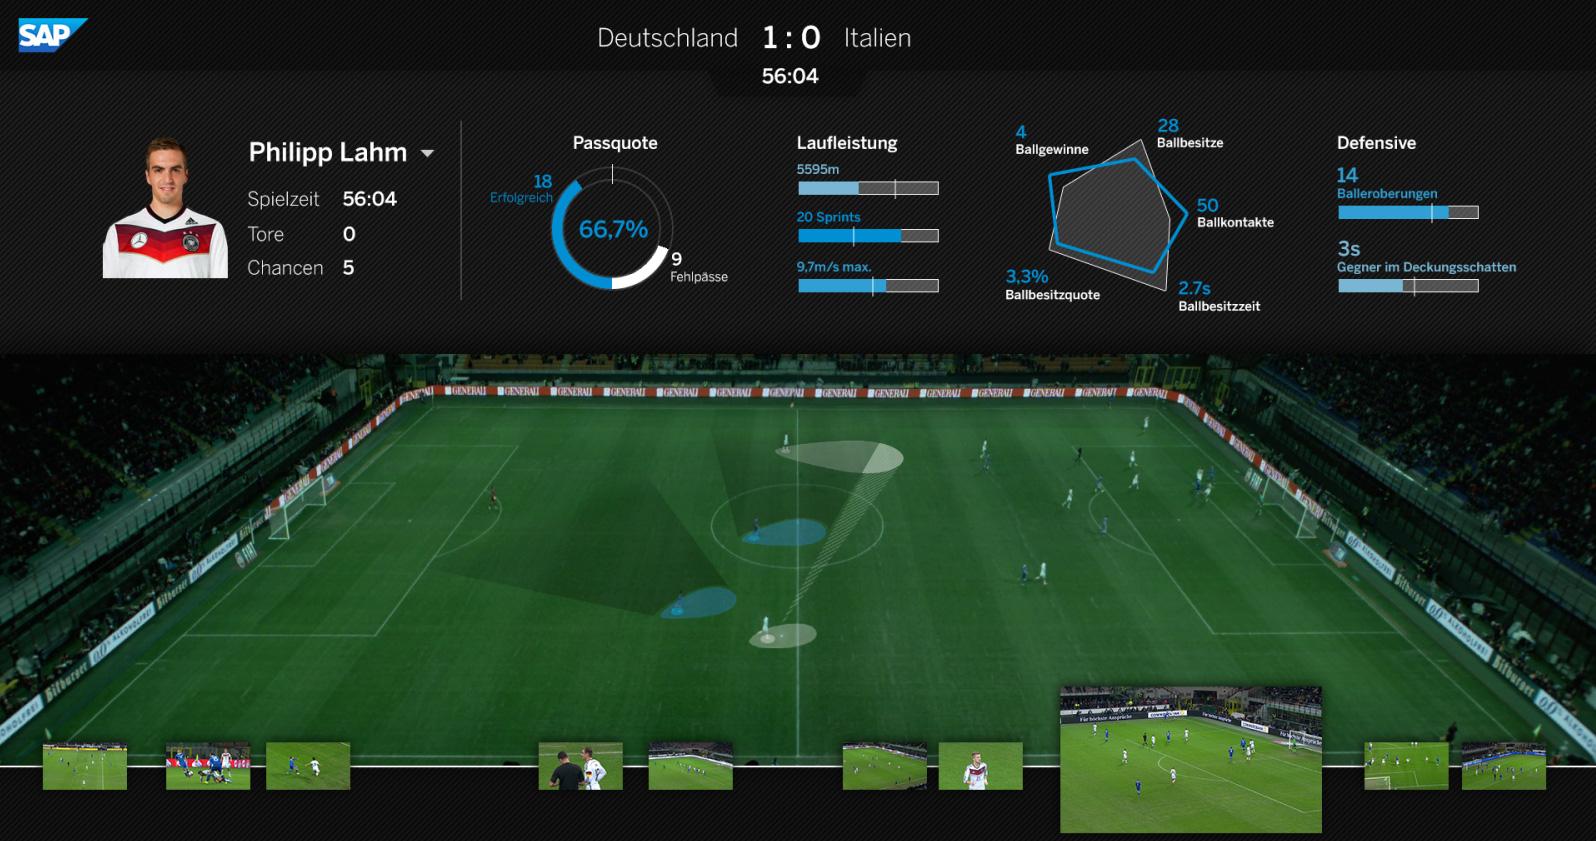 A screenshot of the German football team's Match Insights program.